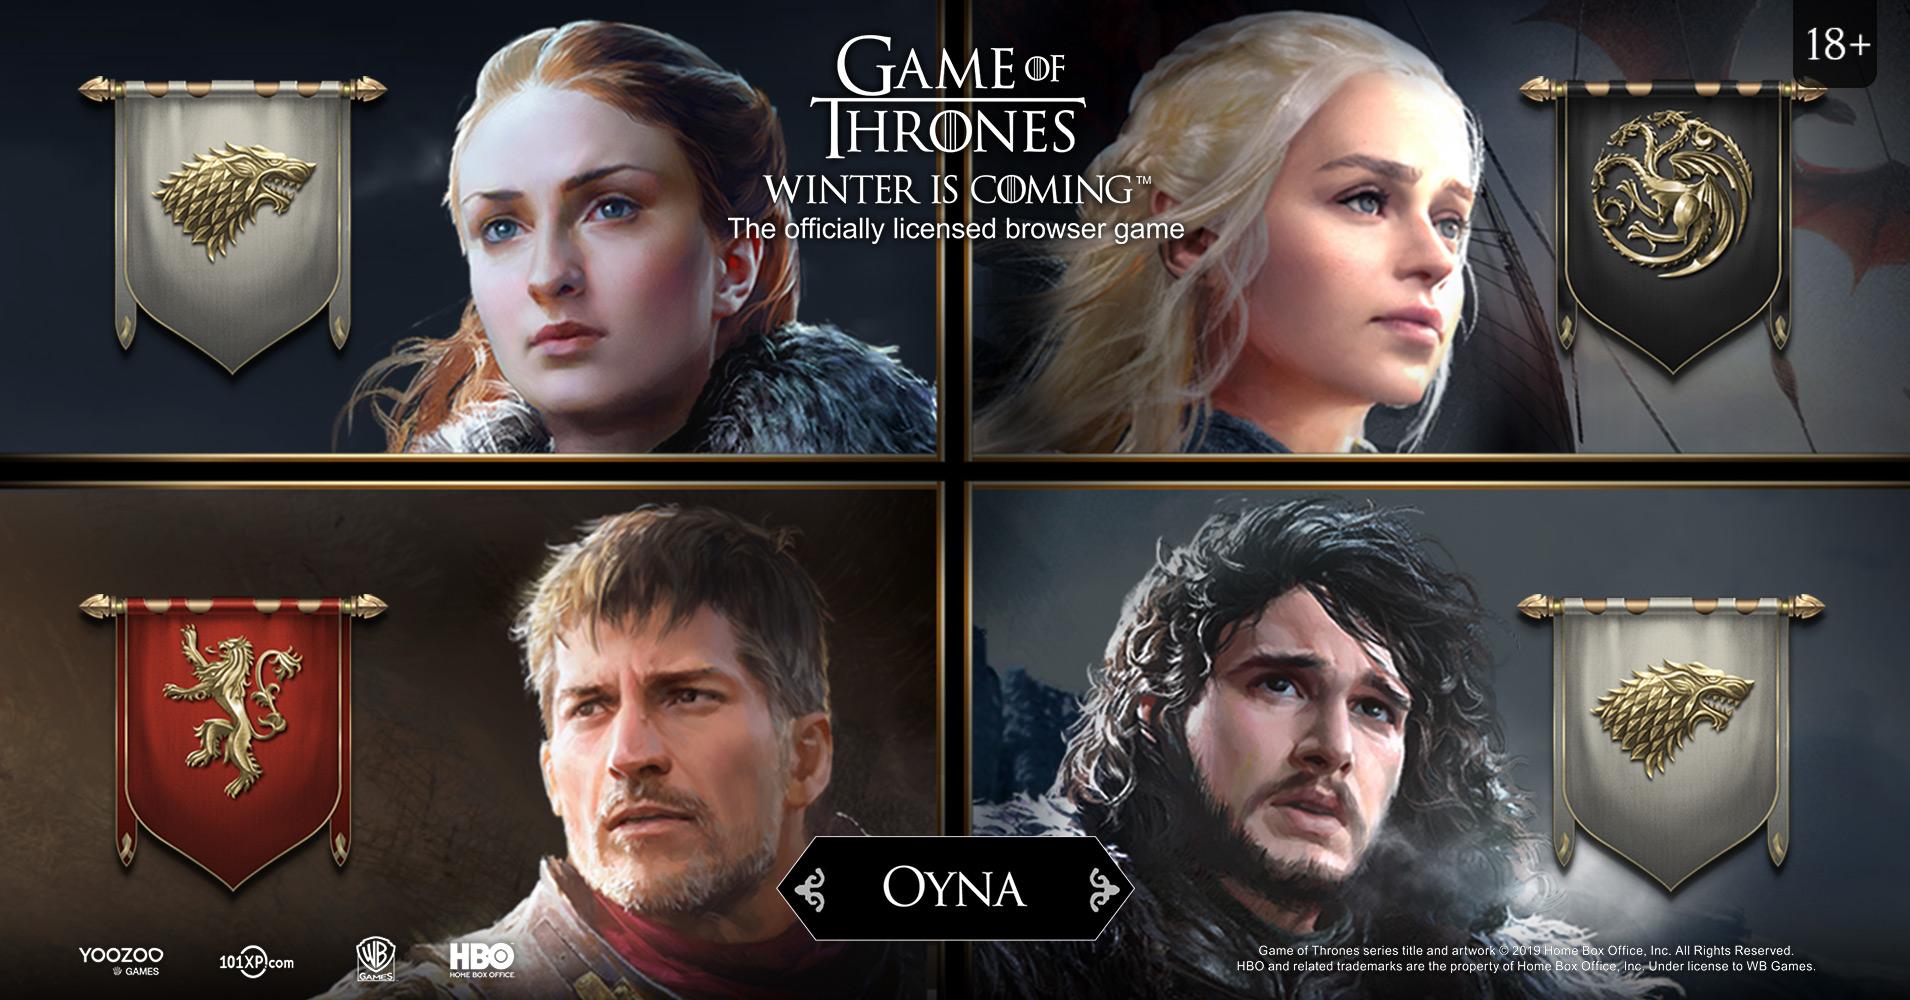 """101XP, Oyuncuları """"Game of Thrones: Winter is Coming"""" Dünyasına Davet Ediyor"""